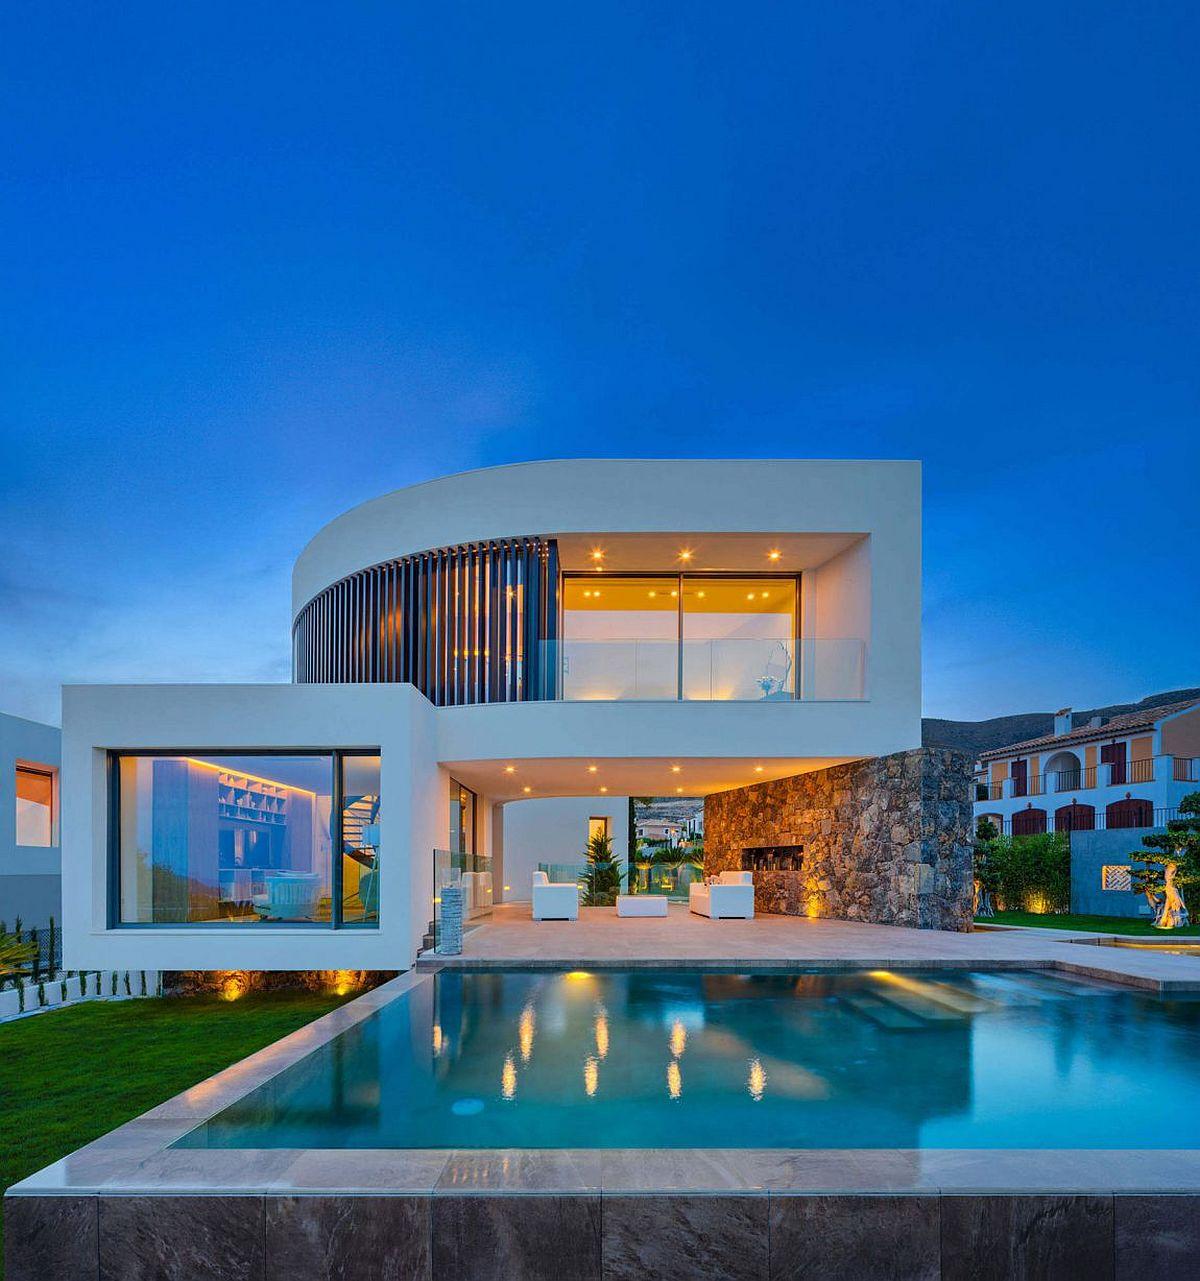 Mesmerizing Casa Finestrat in Spain